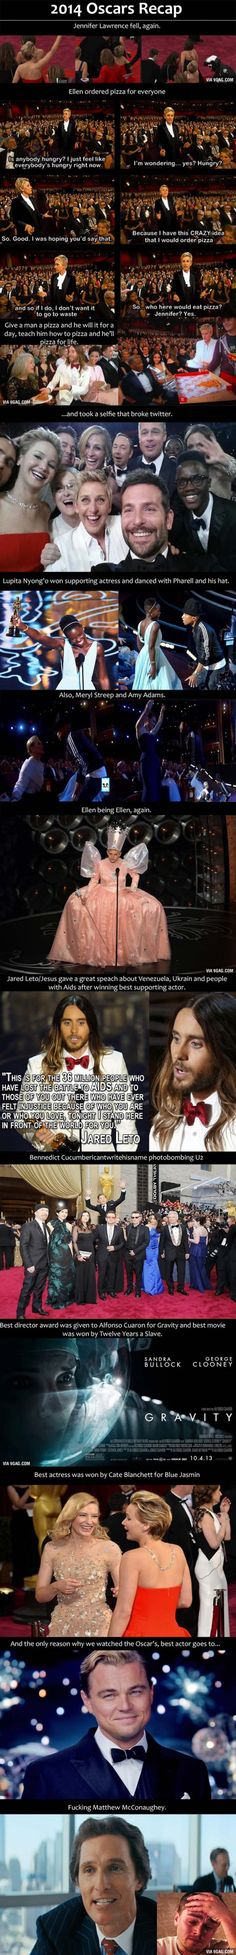 2014 Oscars Recap.